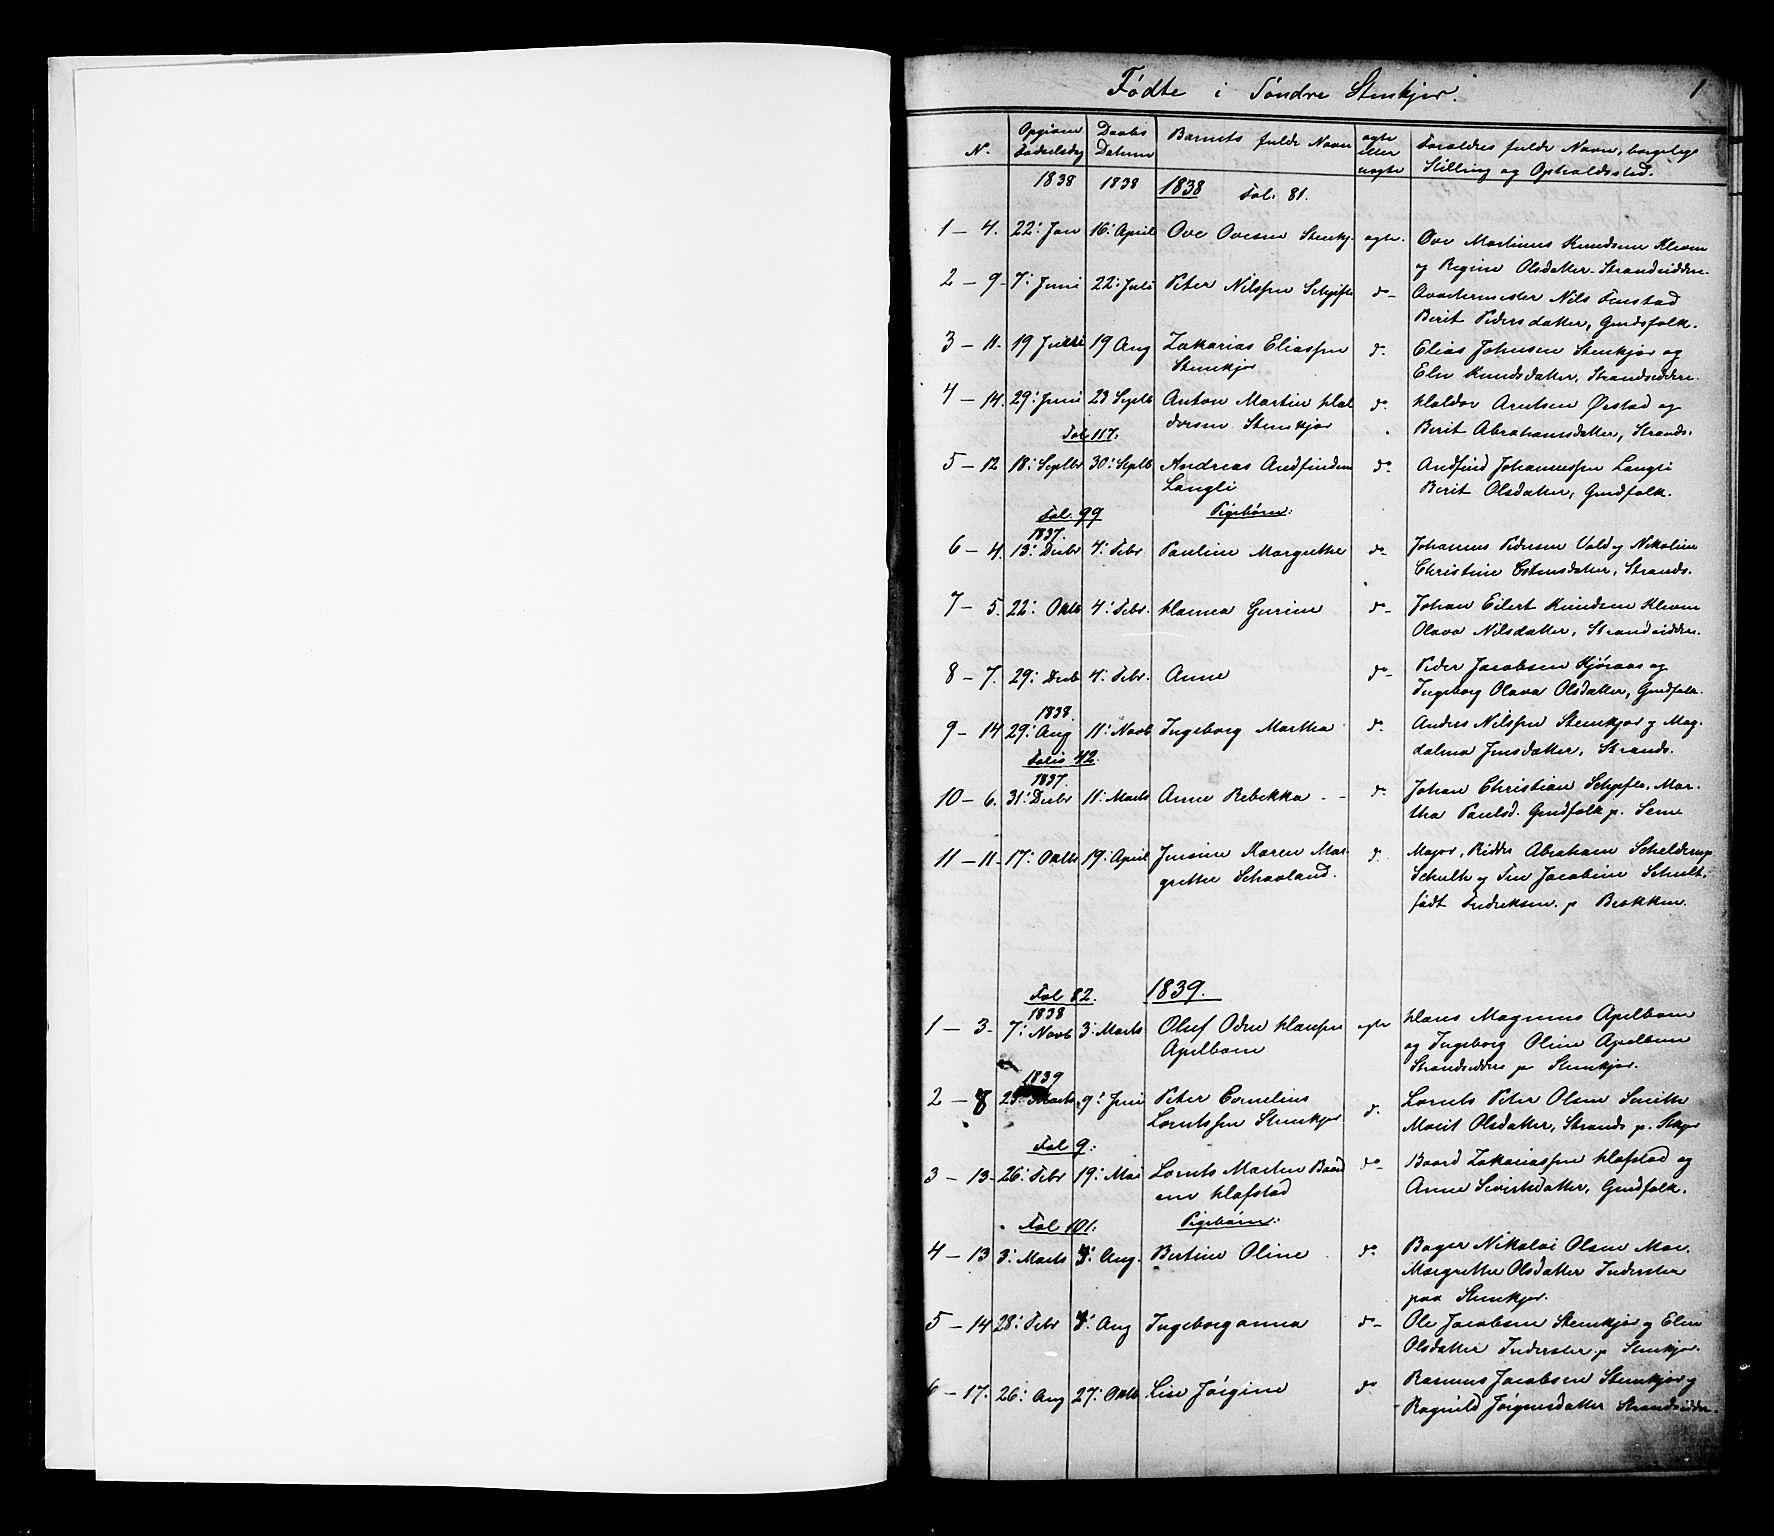 SAT, Ministerialprotokoller, klokkerbøker og fødselsregistre - Nord-Trøndelag, 739/L0367: Ministerialbok nr. 739A01 /1, 1838-1868, s. 0-1